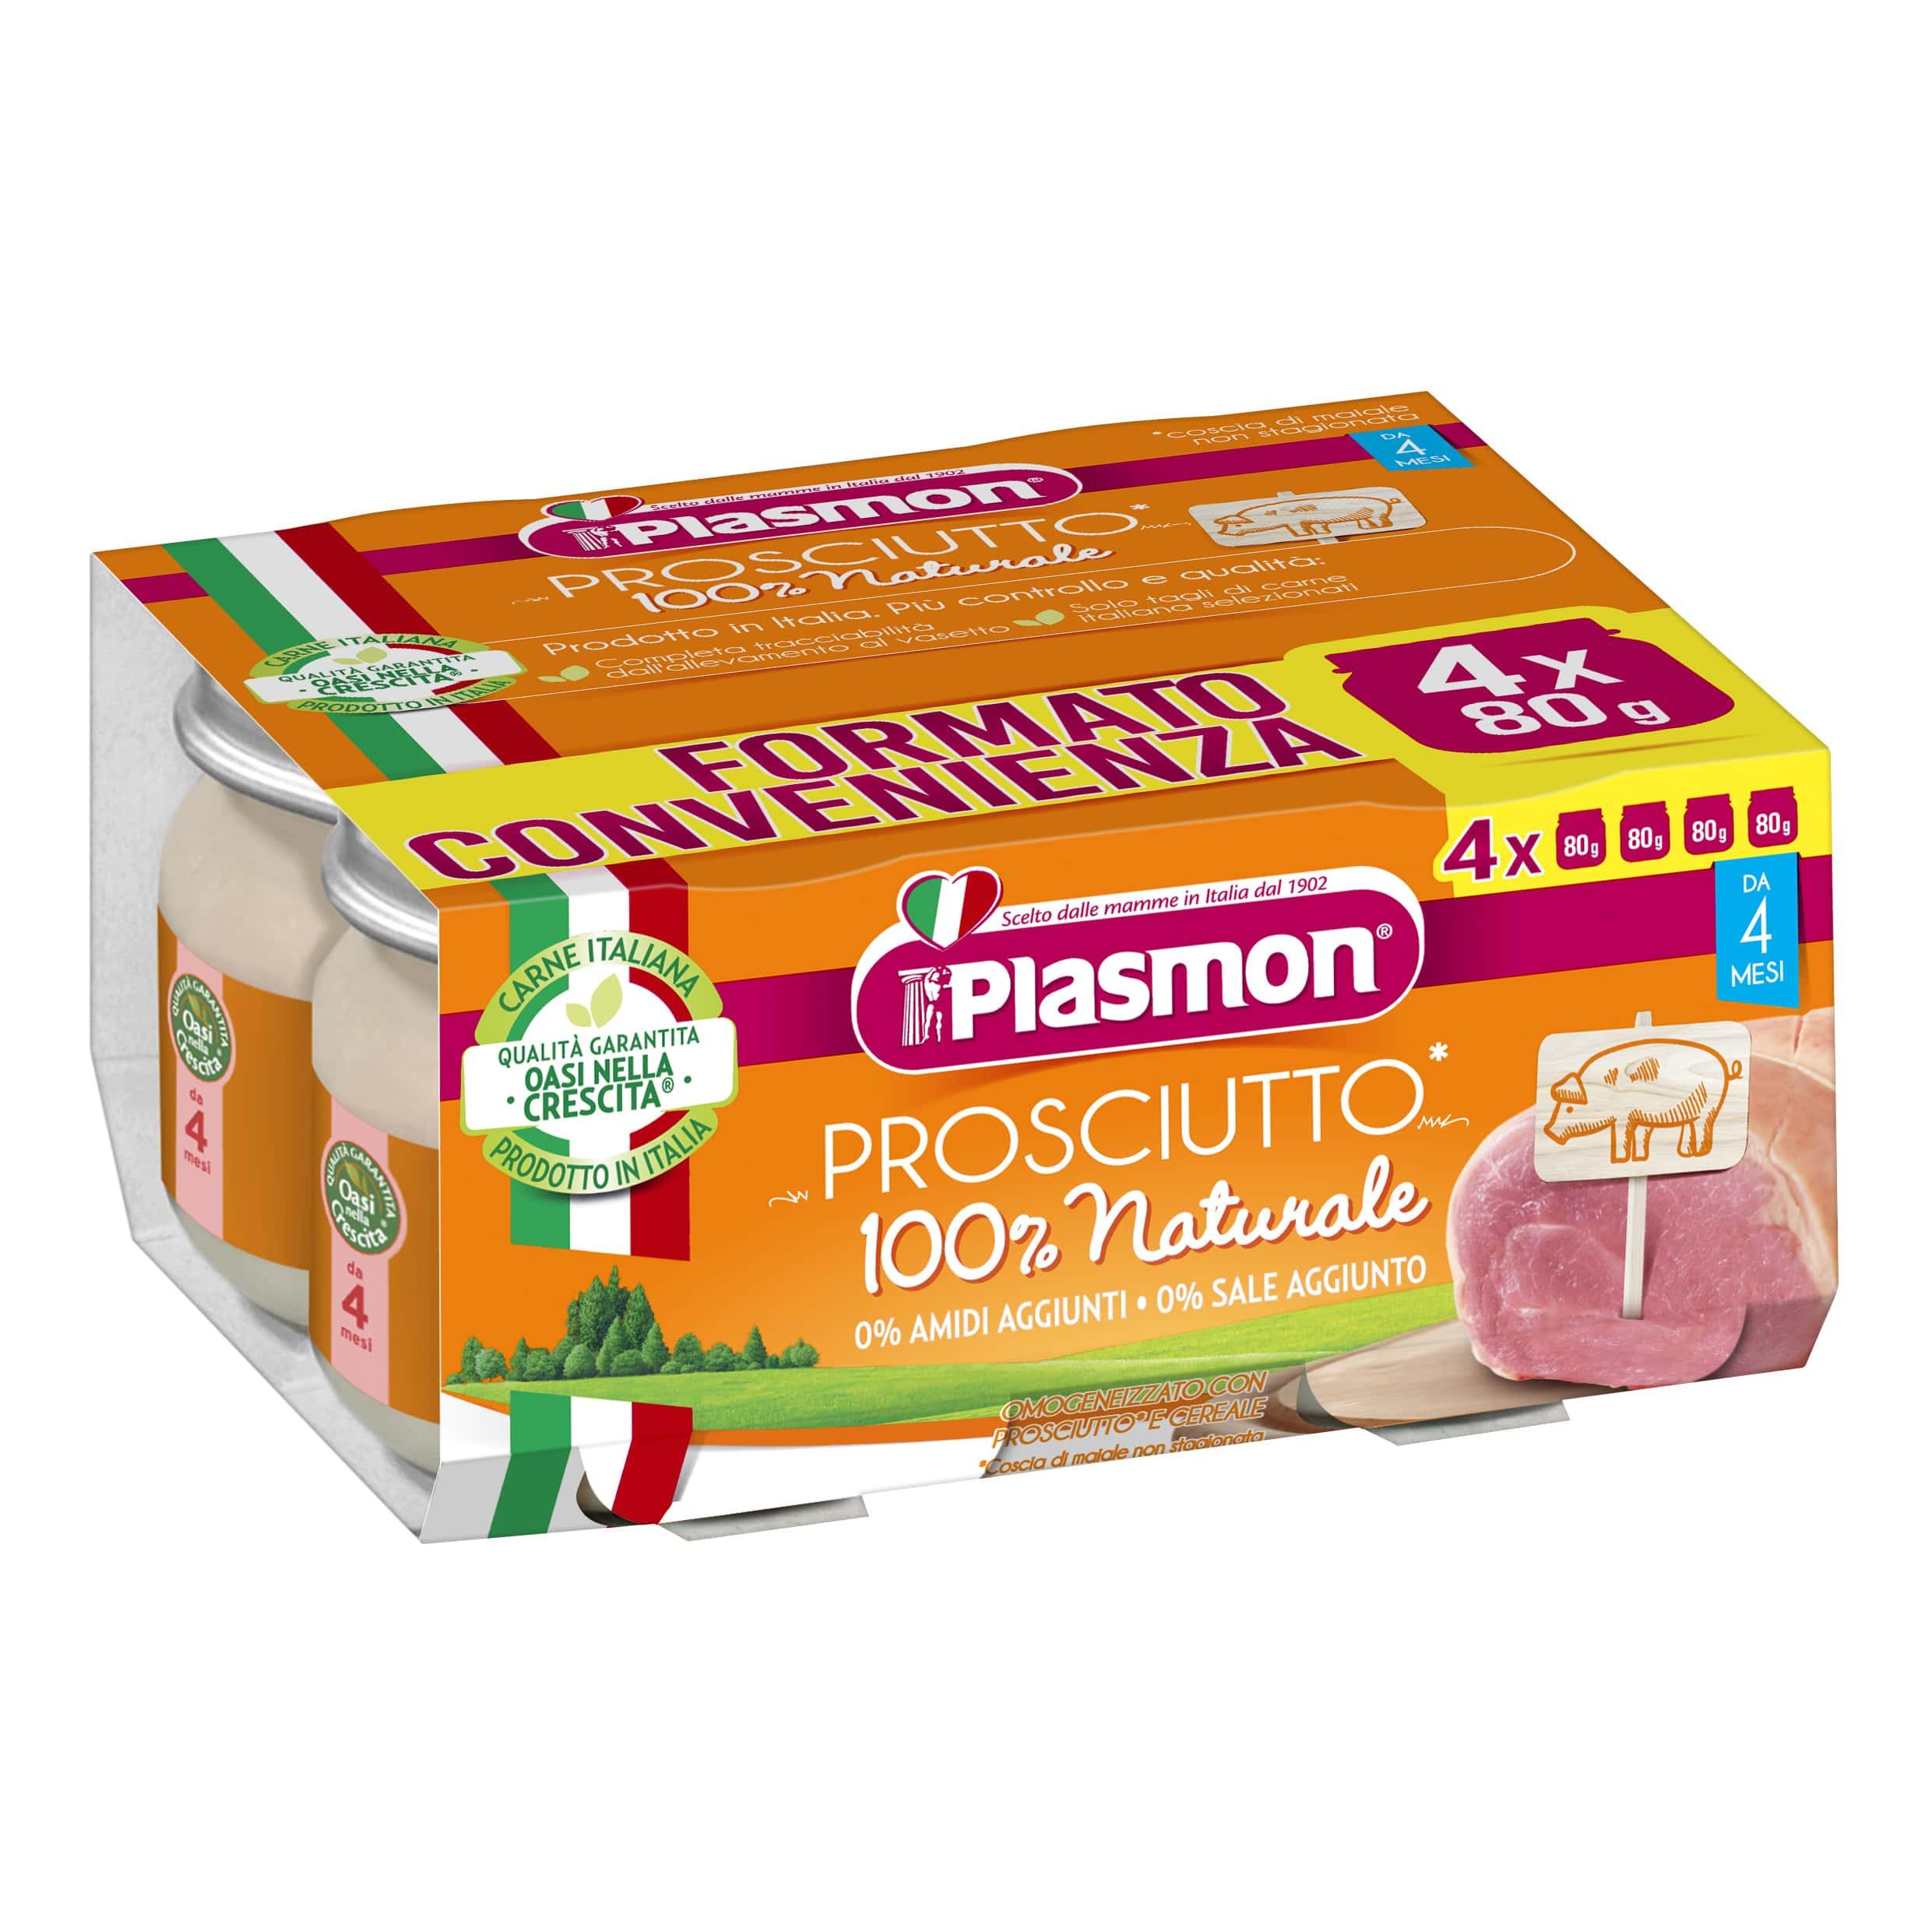 Omogeneizzato Prosciutto Plasmon